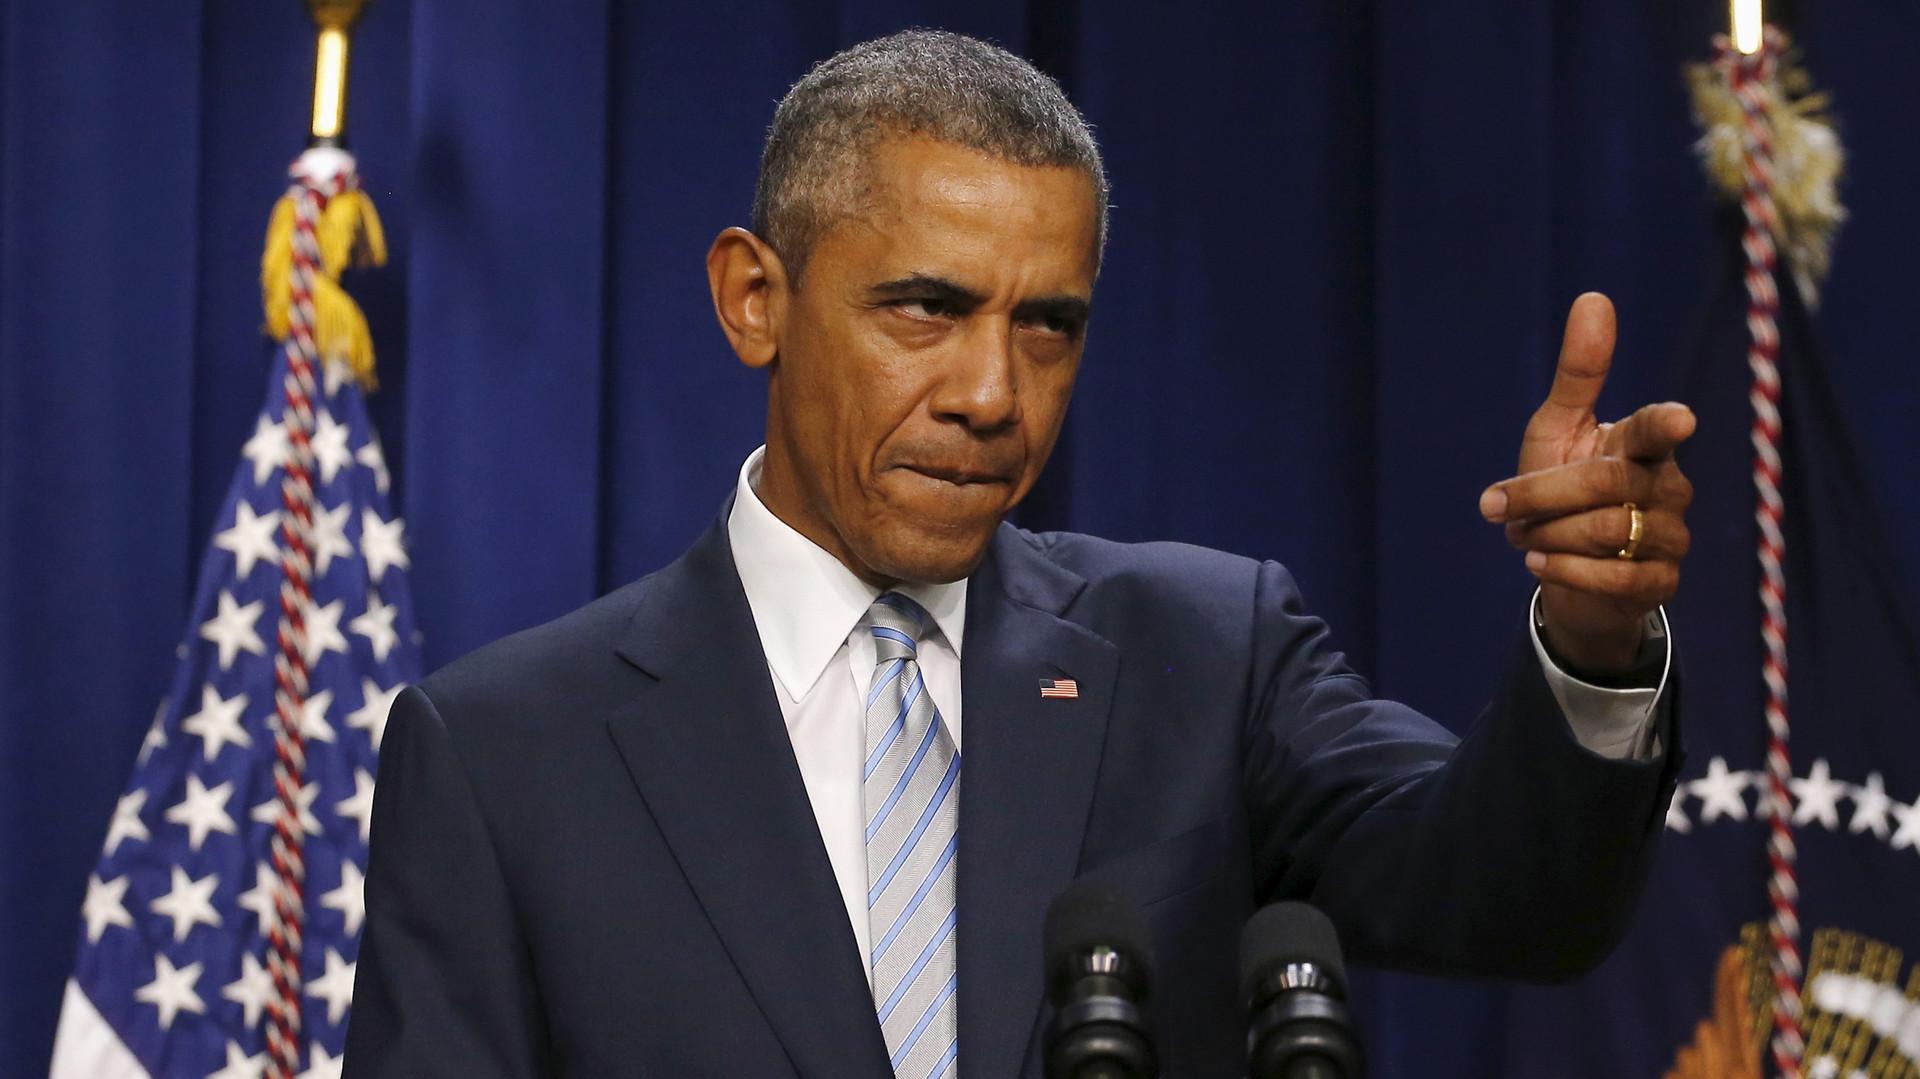 как в России отреагировали на новые санкции Обамы